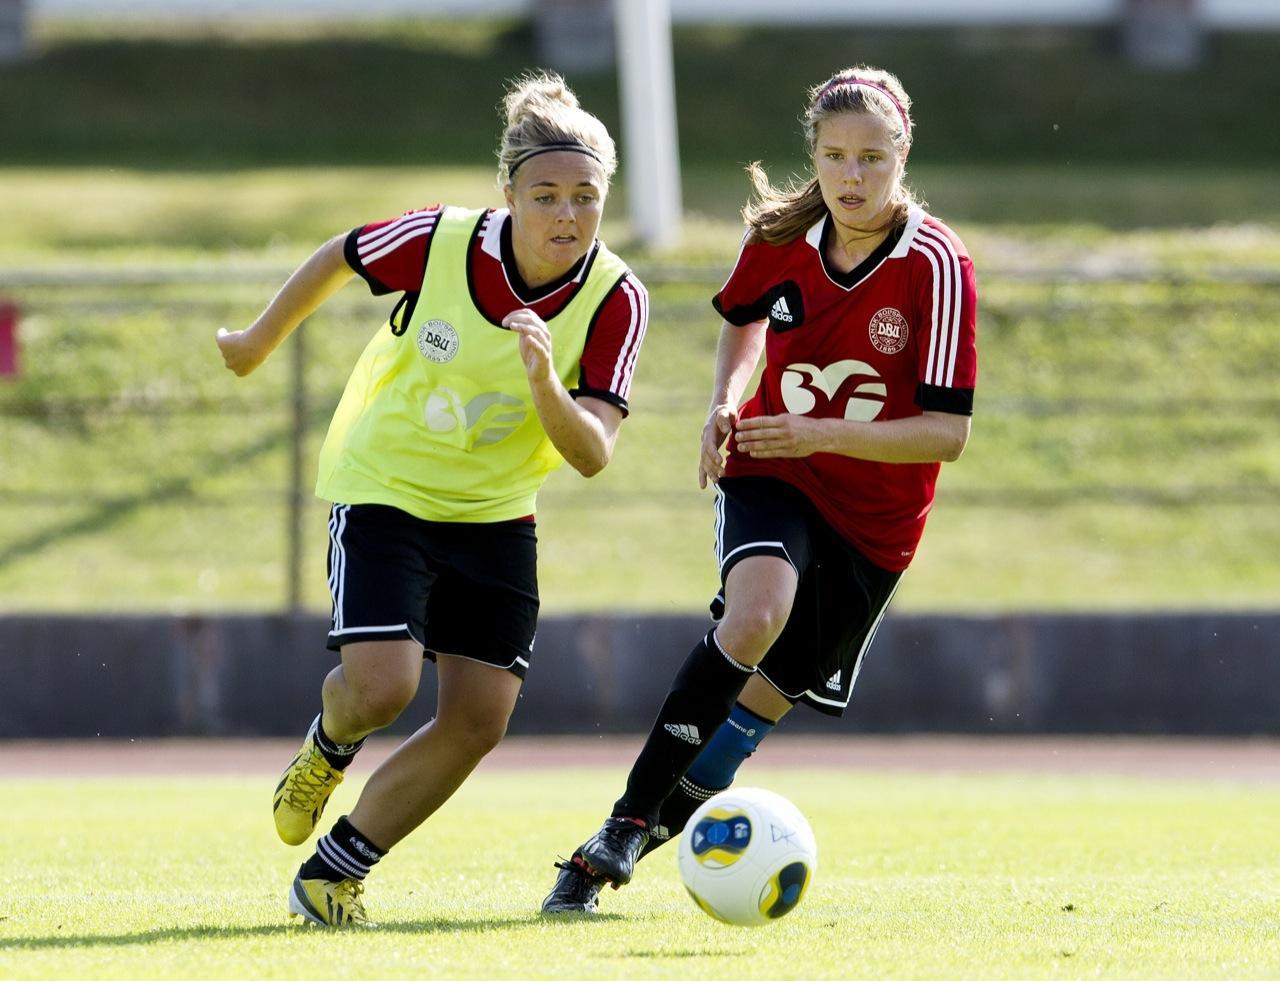 aa35c0aea11 Hov ... Danmark er i EM-semifinalen i fodbold   Information